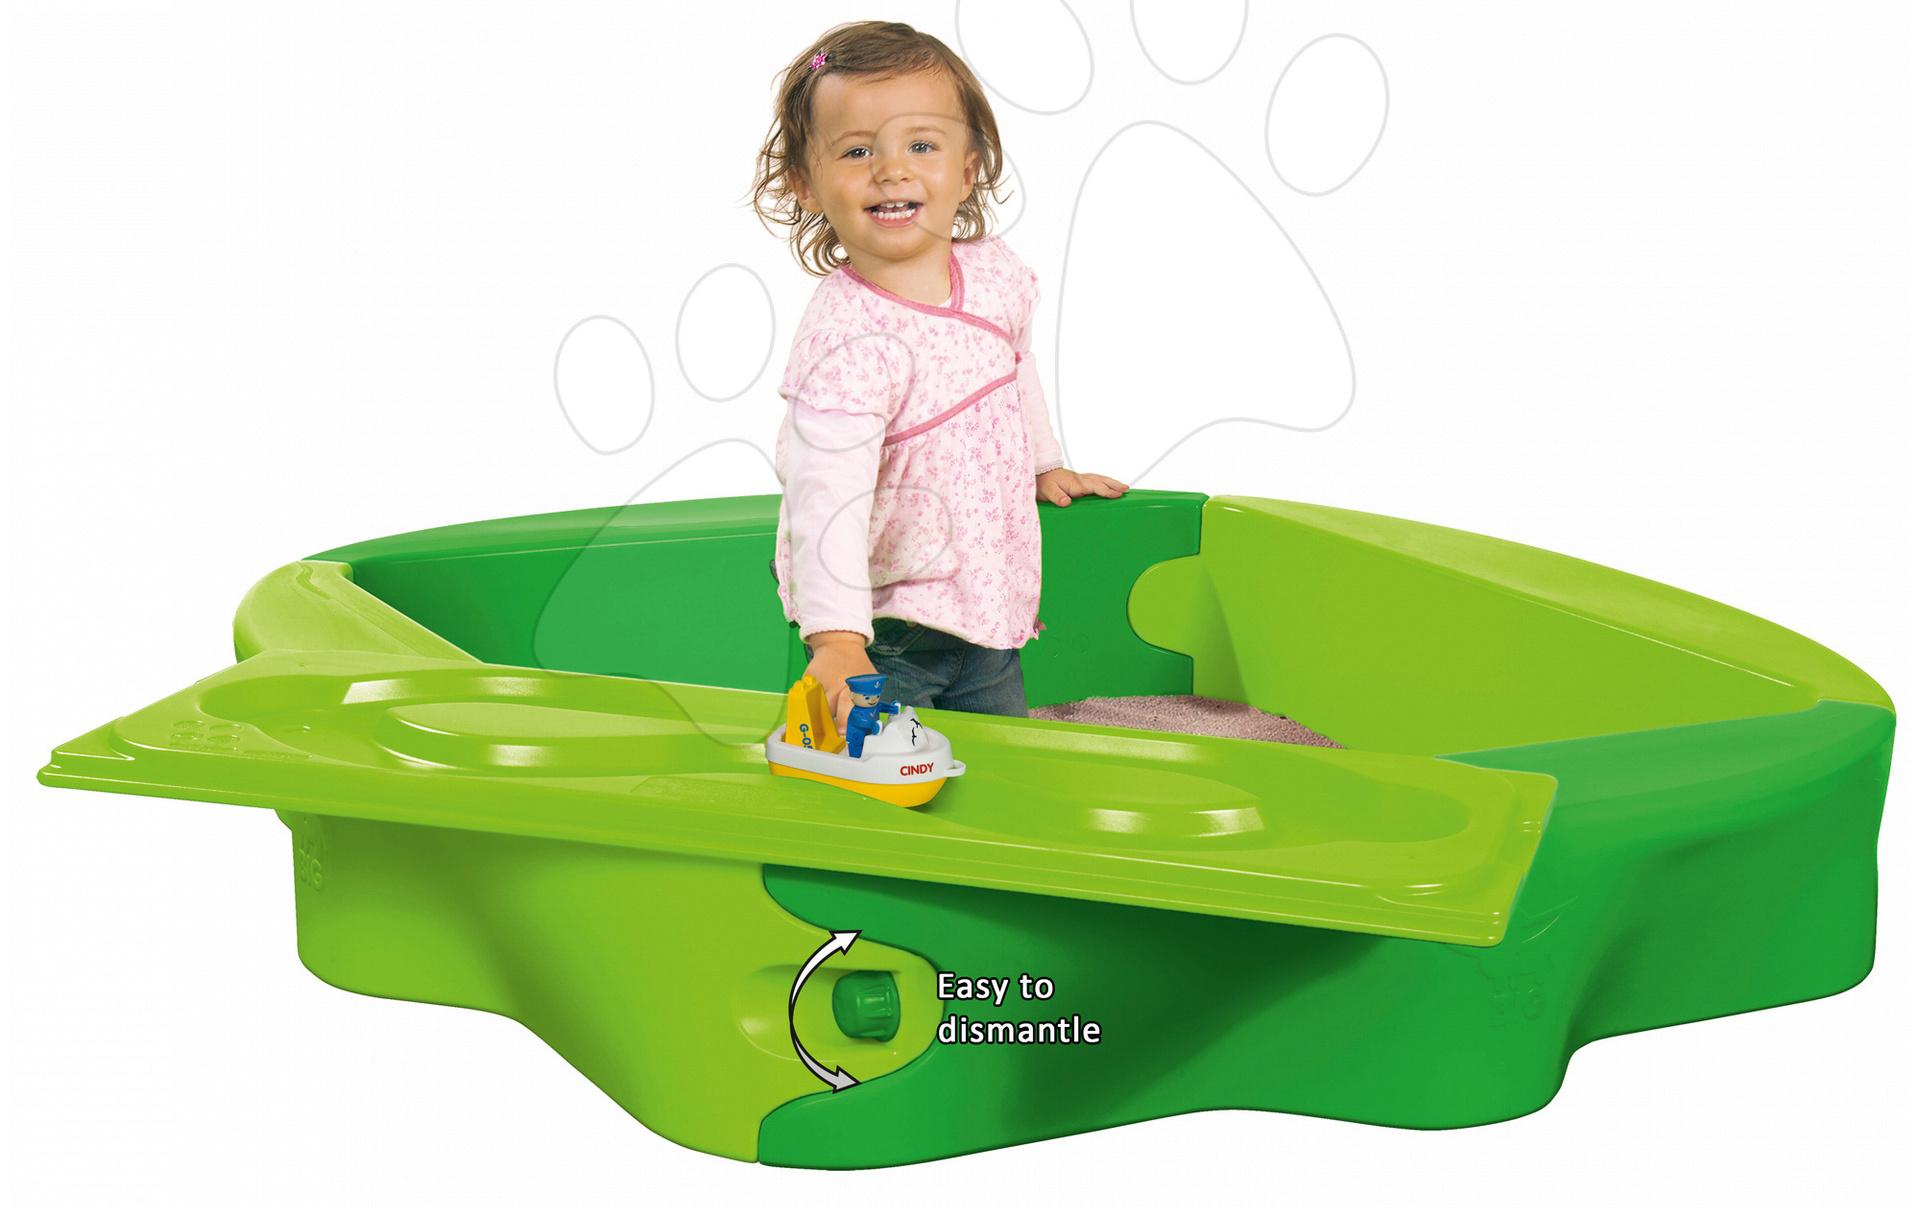 Pieskovisko s vodnou dráhou Sandy BIG s krytom objem 239 litrov 138*138 cm zelené od 12 mes